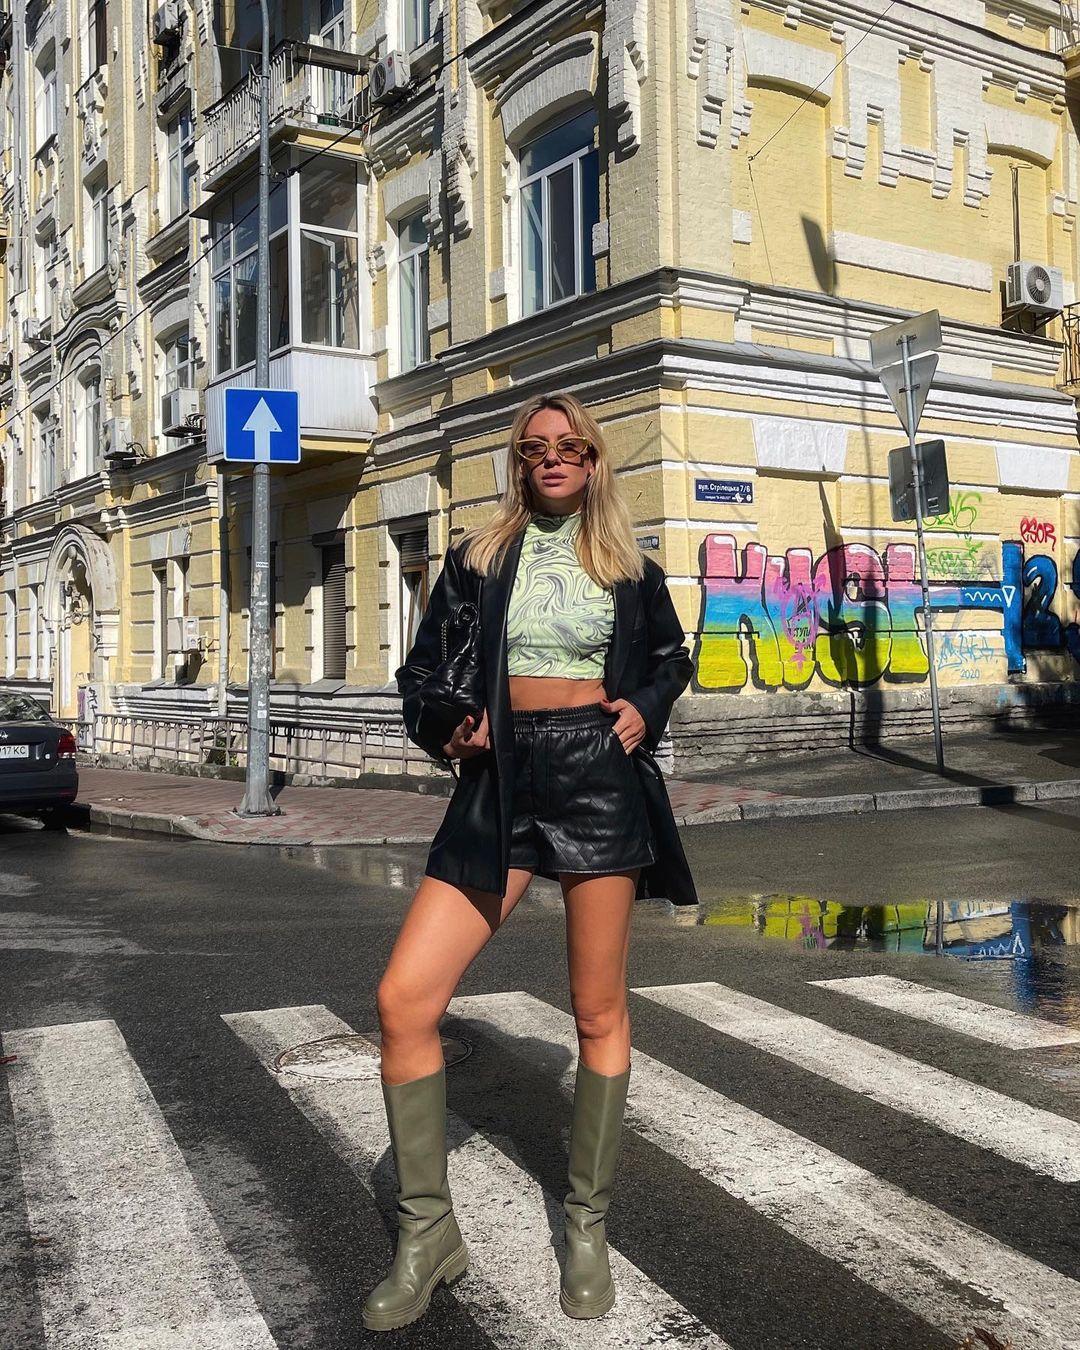 Смілива Нікітюк у шкіряних шортах заговорила про особисте: дощ приховує мої сльози